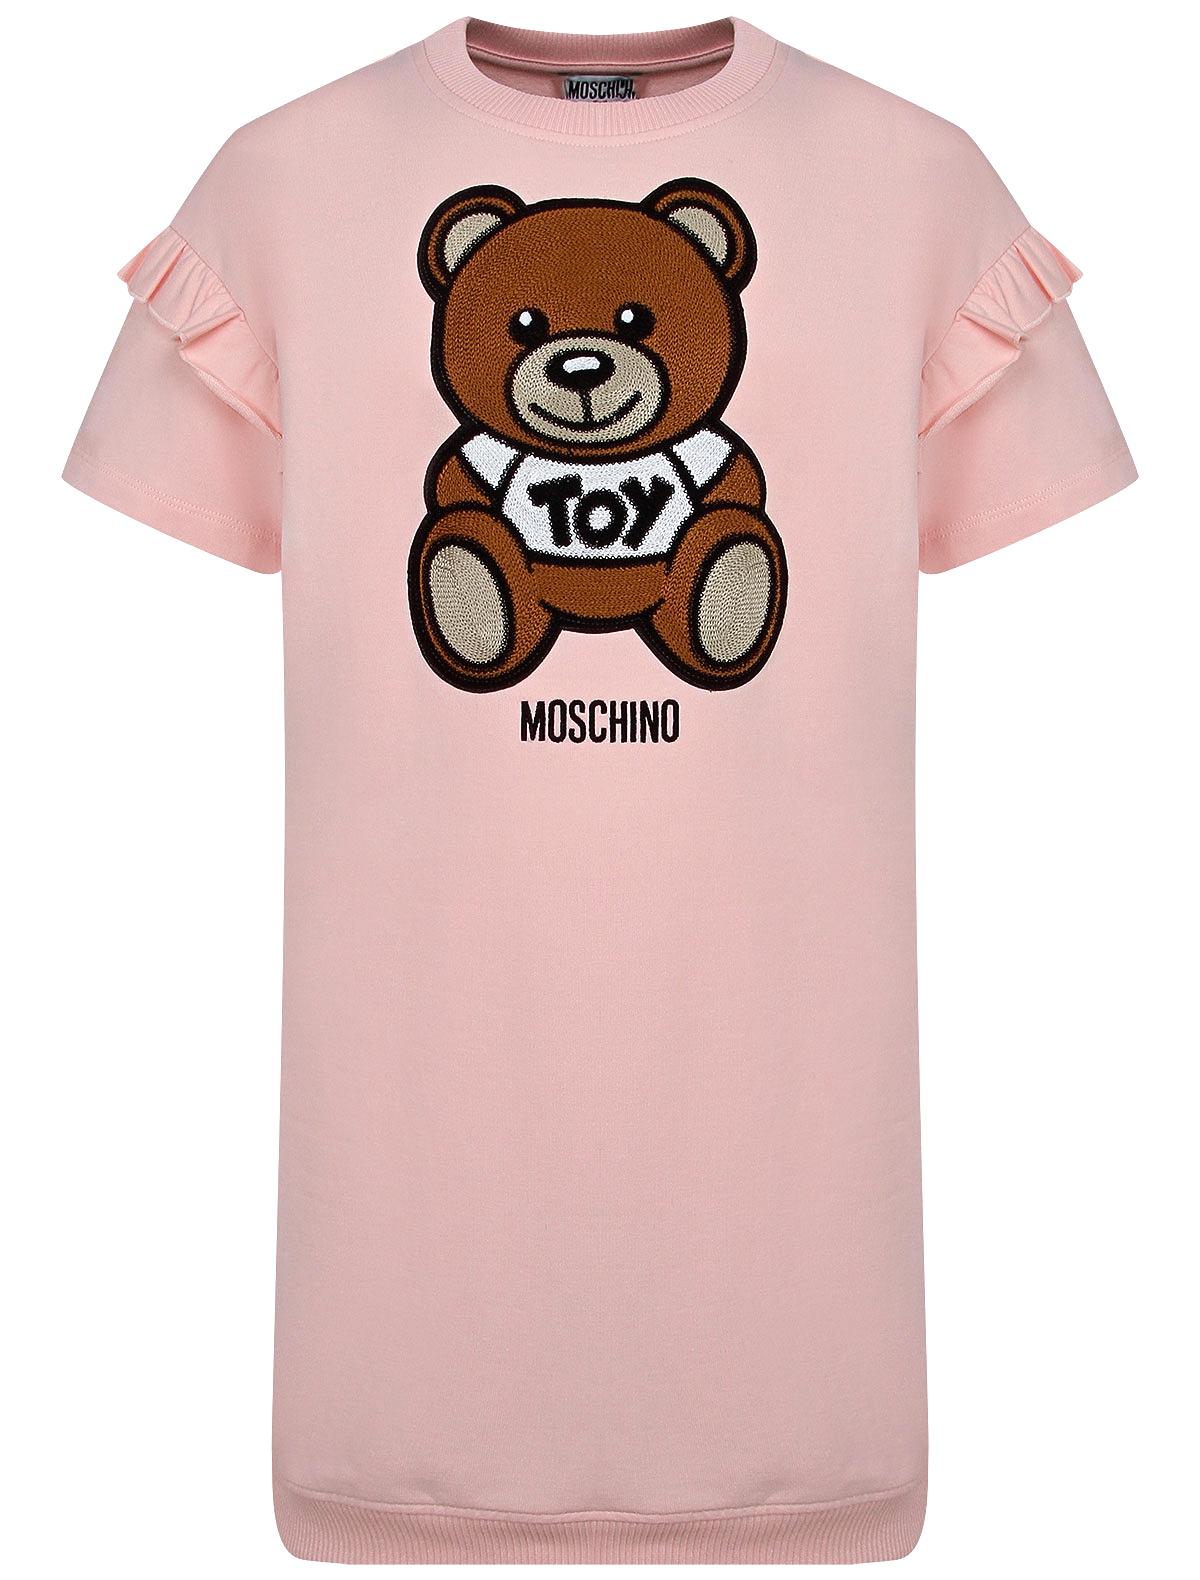 Купить 2278500, Платье Moschino, розовый, Женский, 1054509173856